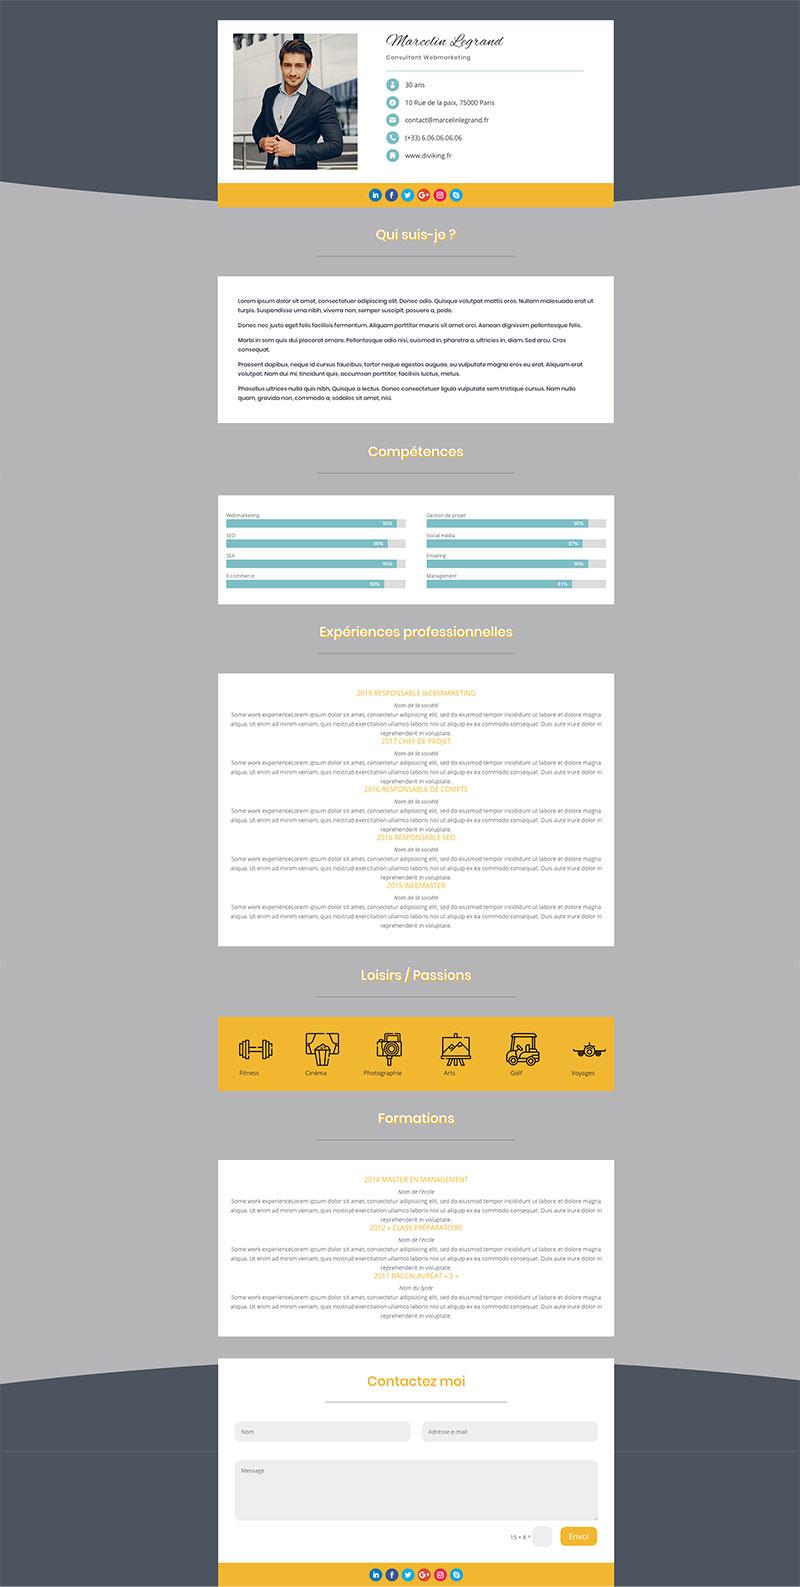 template divi gratuit CV #1